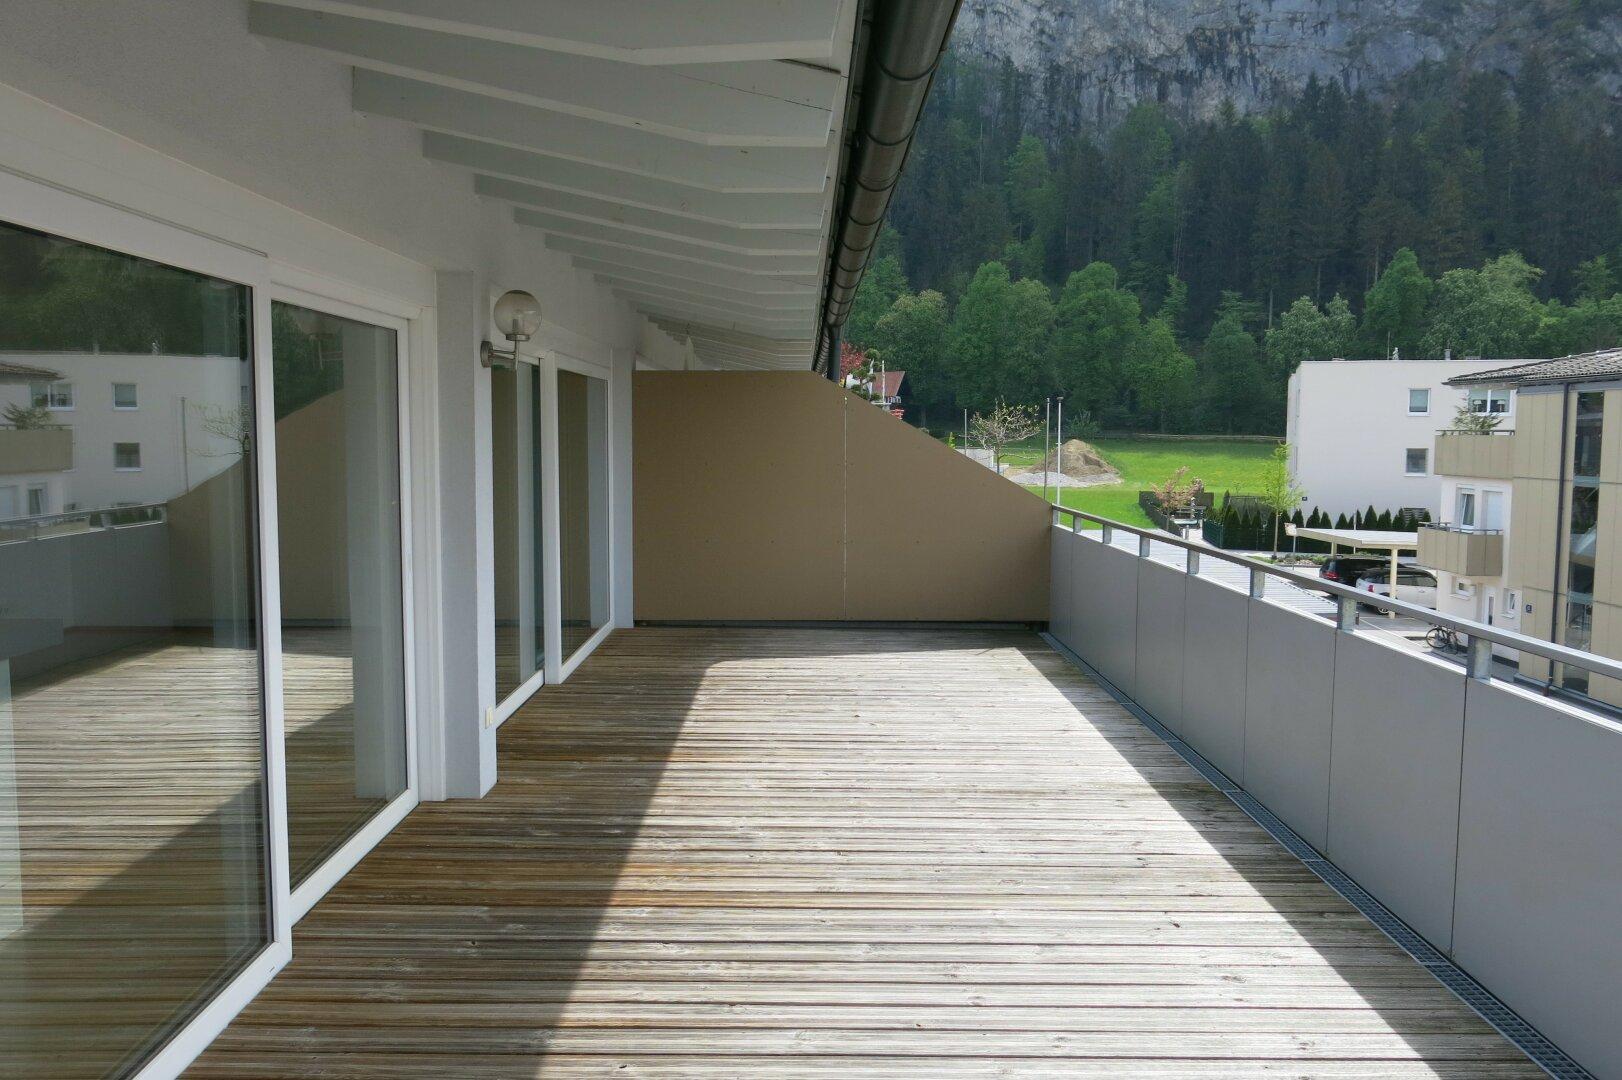 Terrasse im Süden, Penthousewohnung, Kufstein